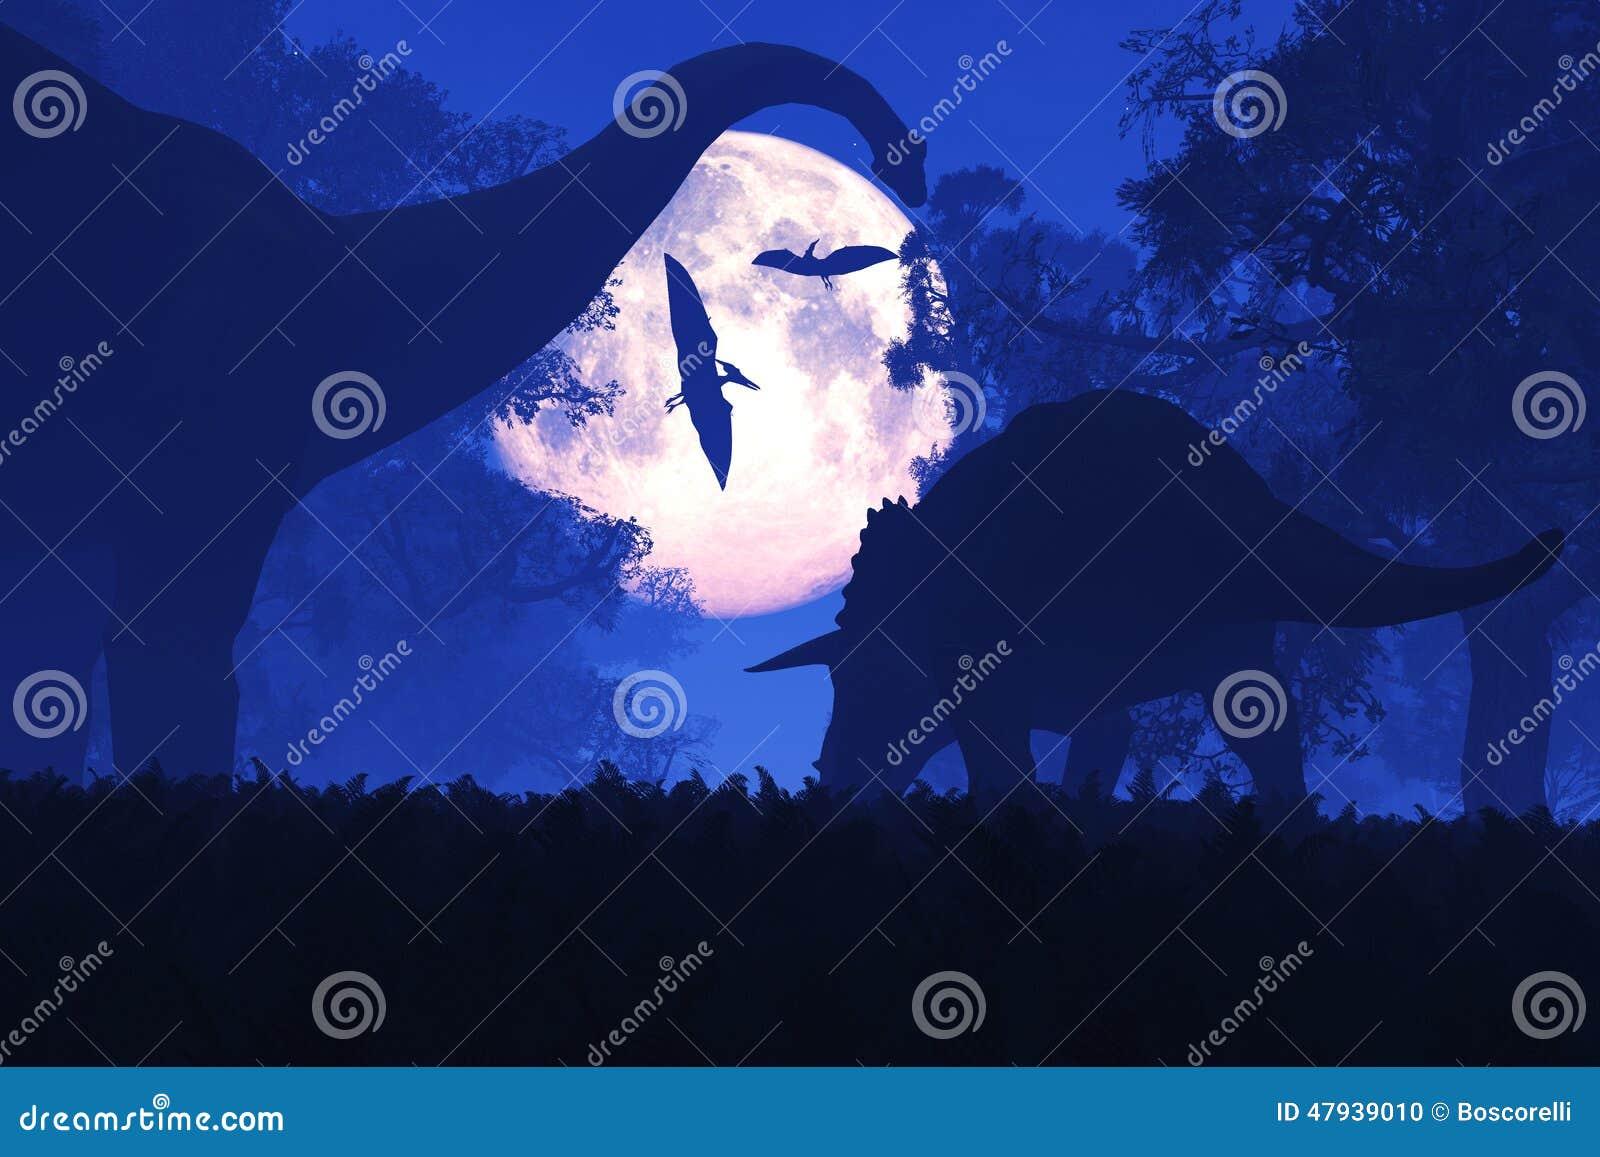 Tajemniczy Magiczny Prehistoryczny fantazja las przy nocą w księżyc w pełni